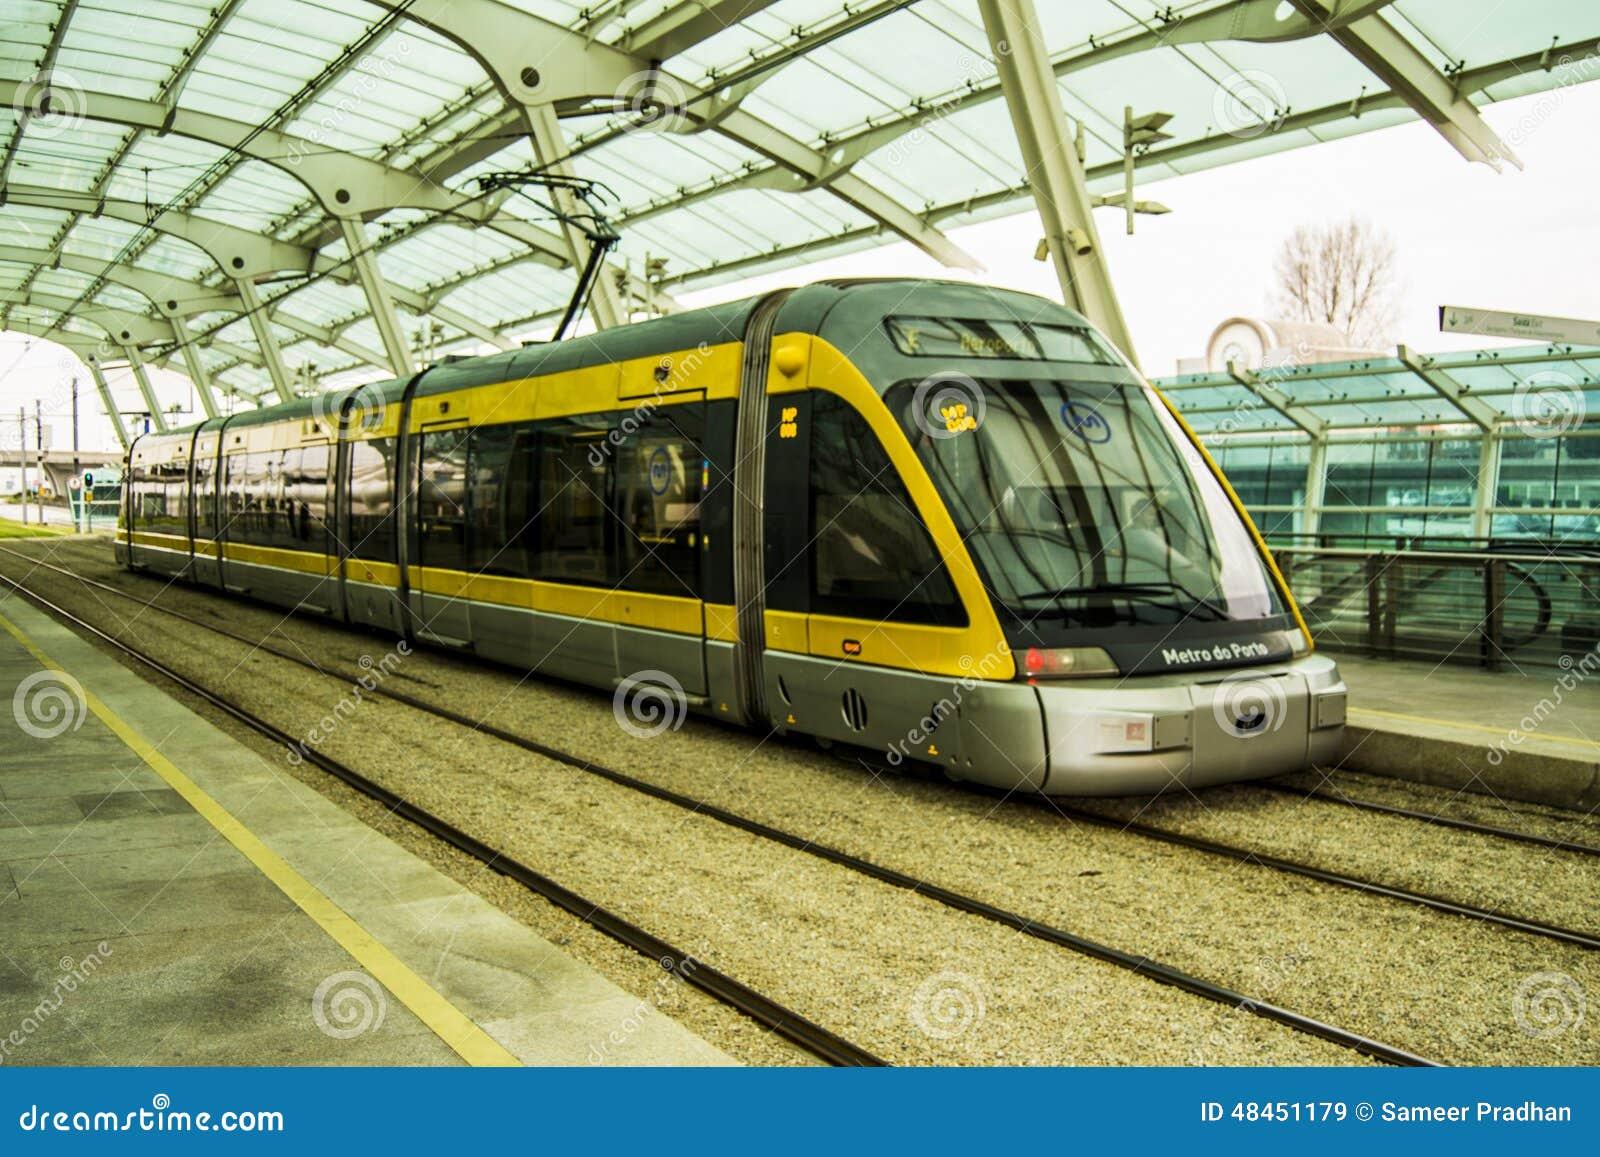 Metro train Porto stock image. Image of spradhandce, travel - 48451179